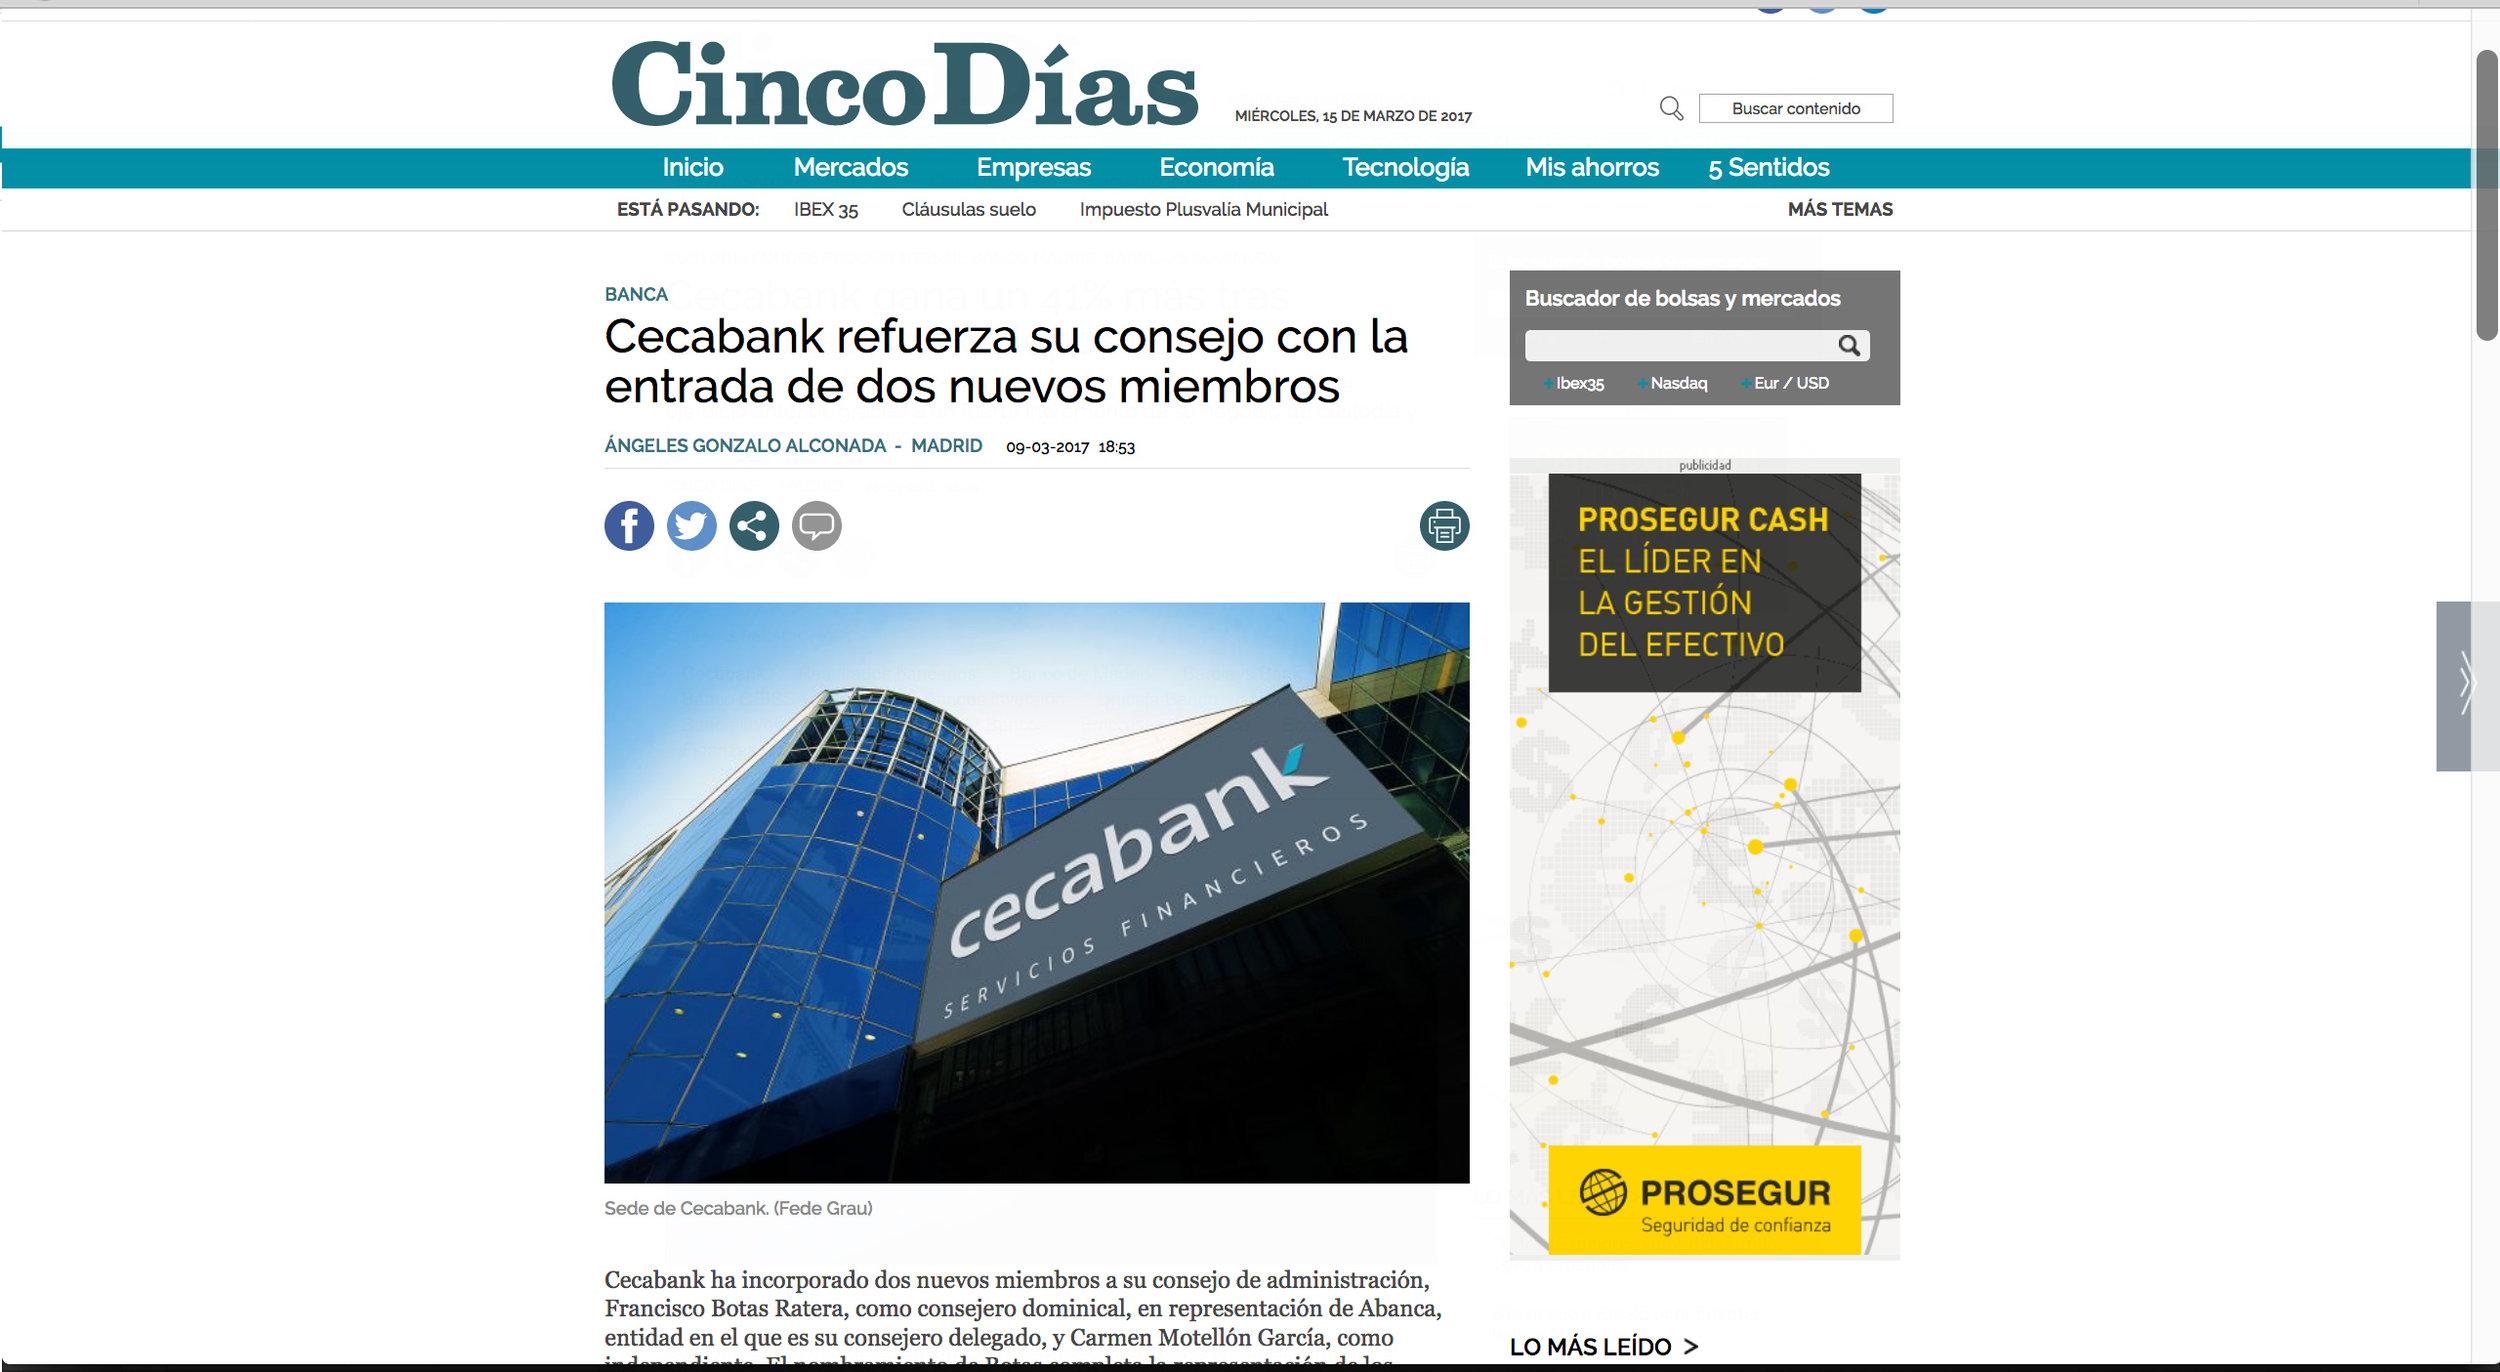 Cincodias-09032017-Captura de pantalla.jpg